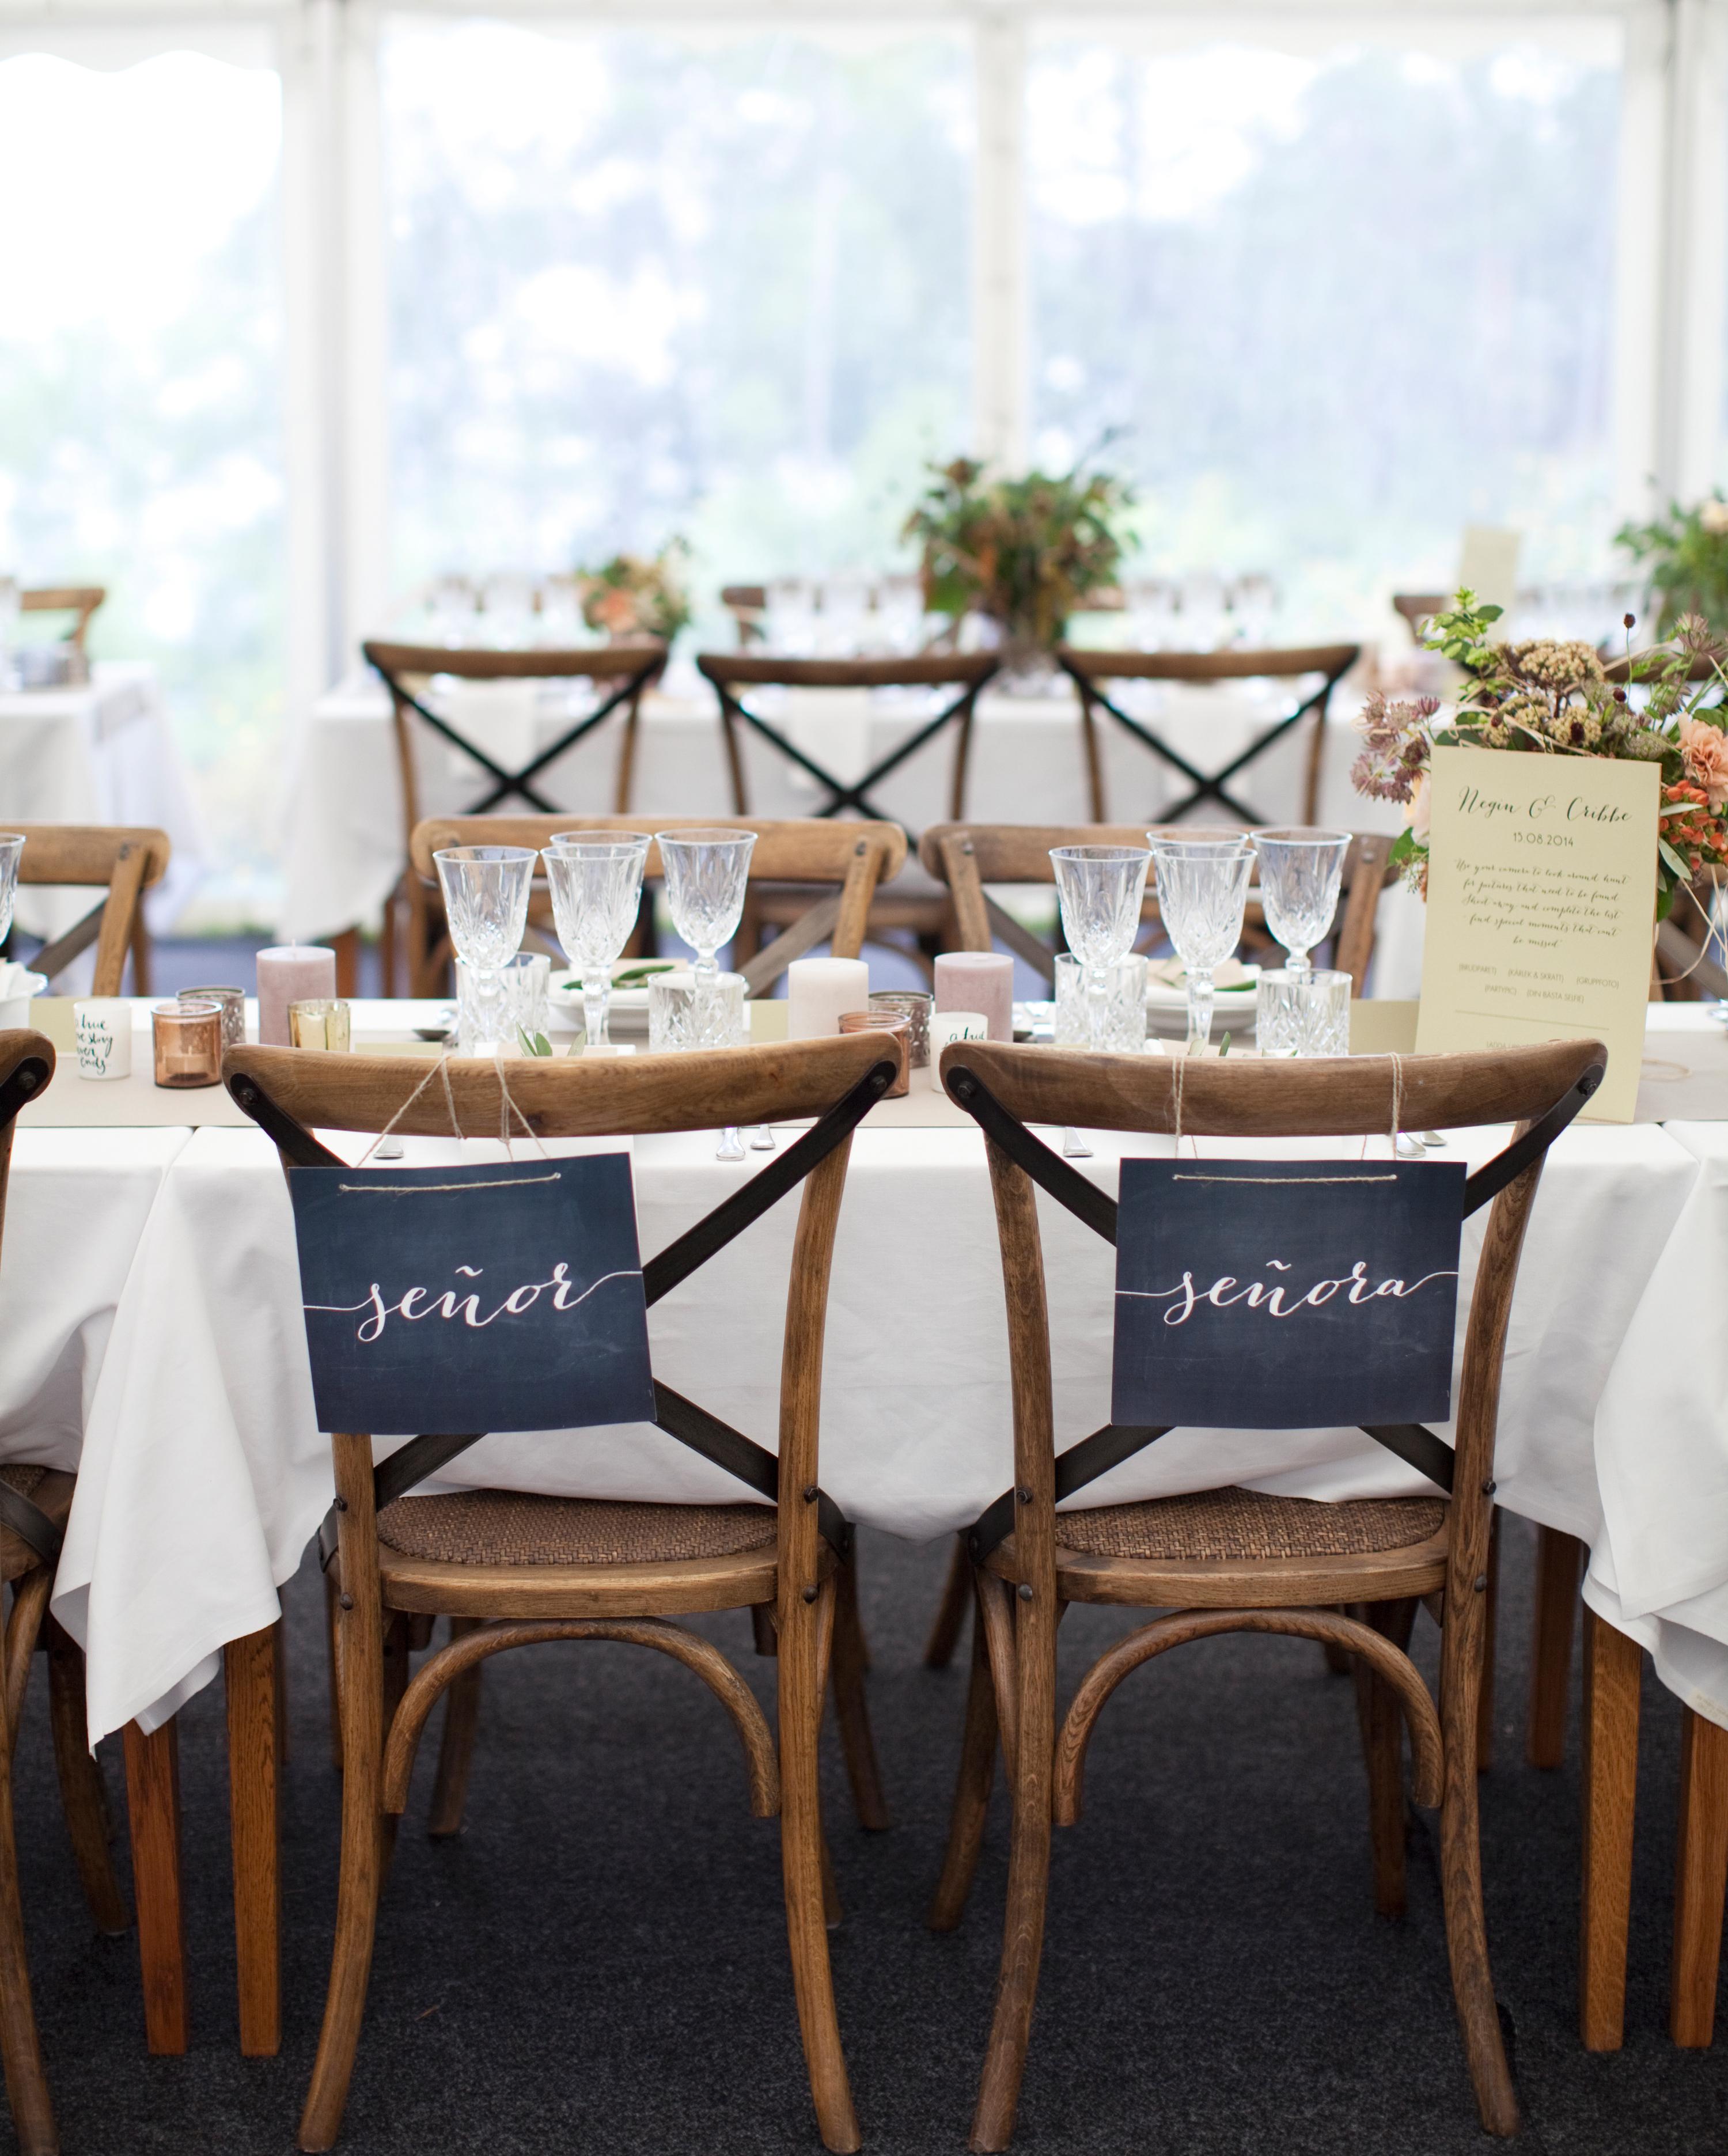 negin-chris-wedding-chairs-0519-s112116-0815.jpg